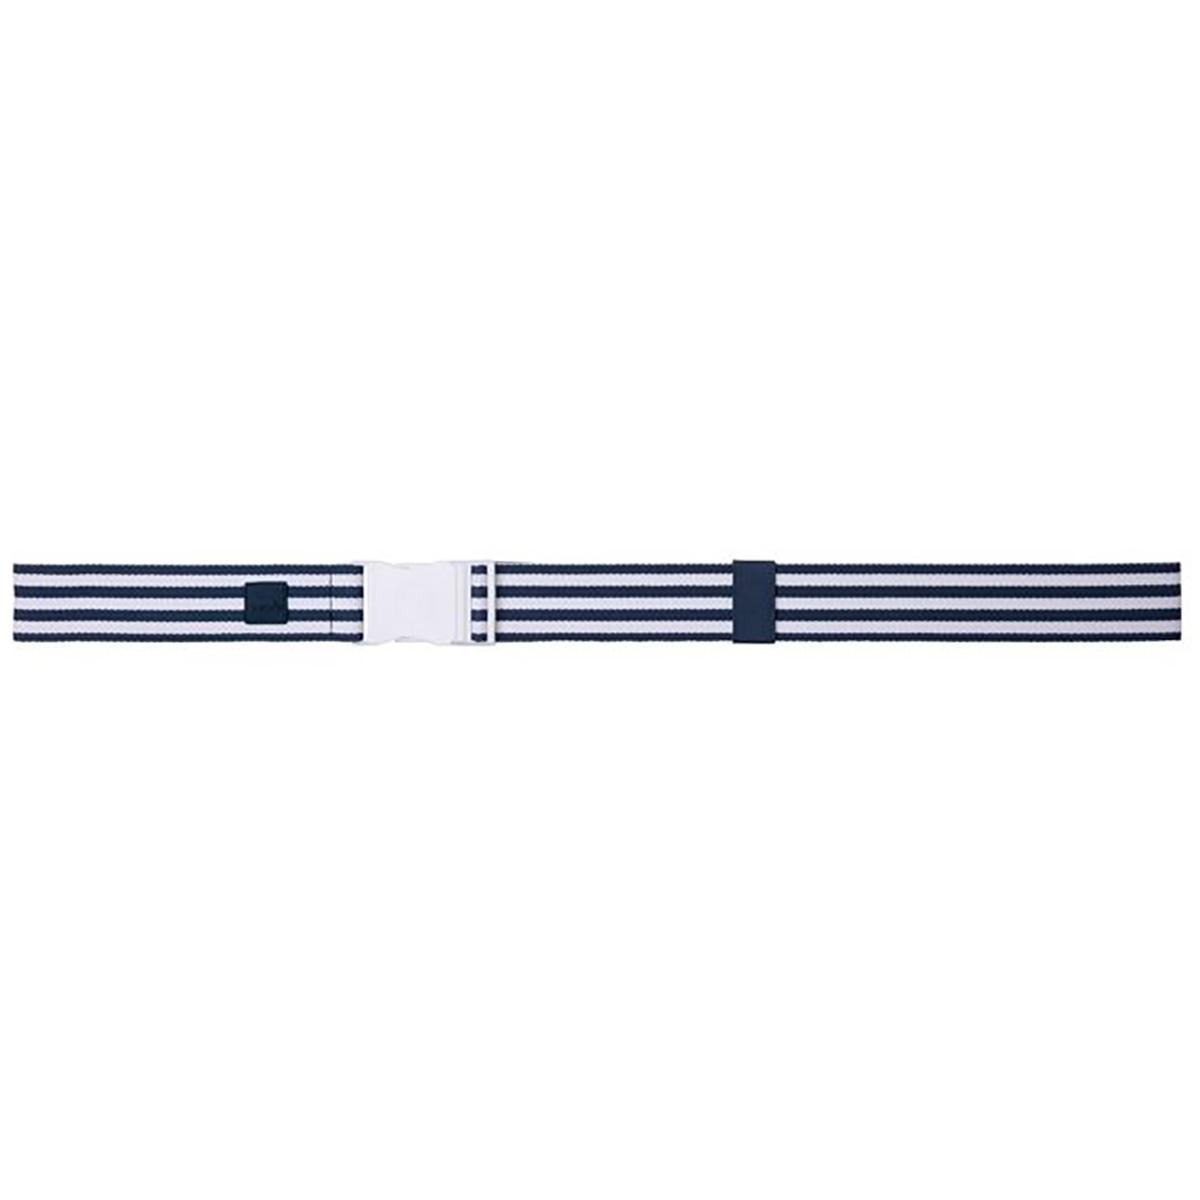 Pars & Stripes ウルトラライト ストレッチ ベルト